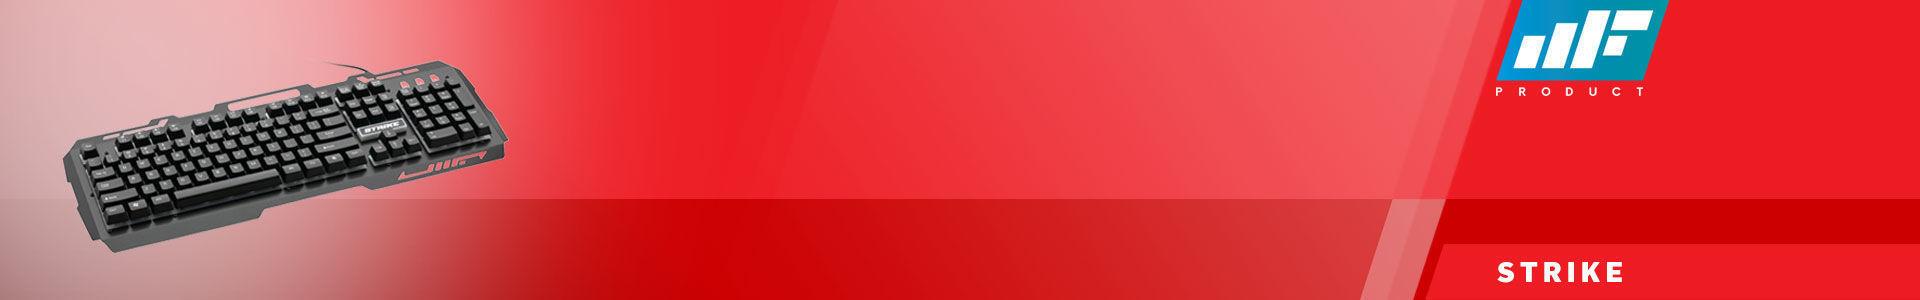 MF Product Strike 0197 RGB Kablolu Gaming Klavye Siyah için doğru adrestesin!